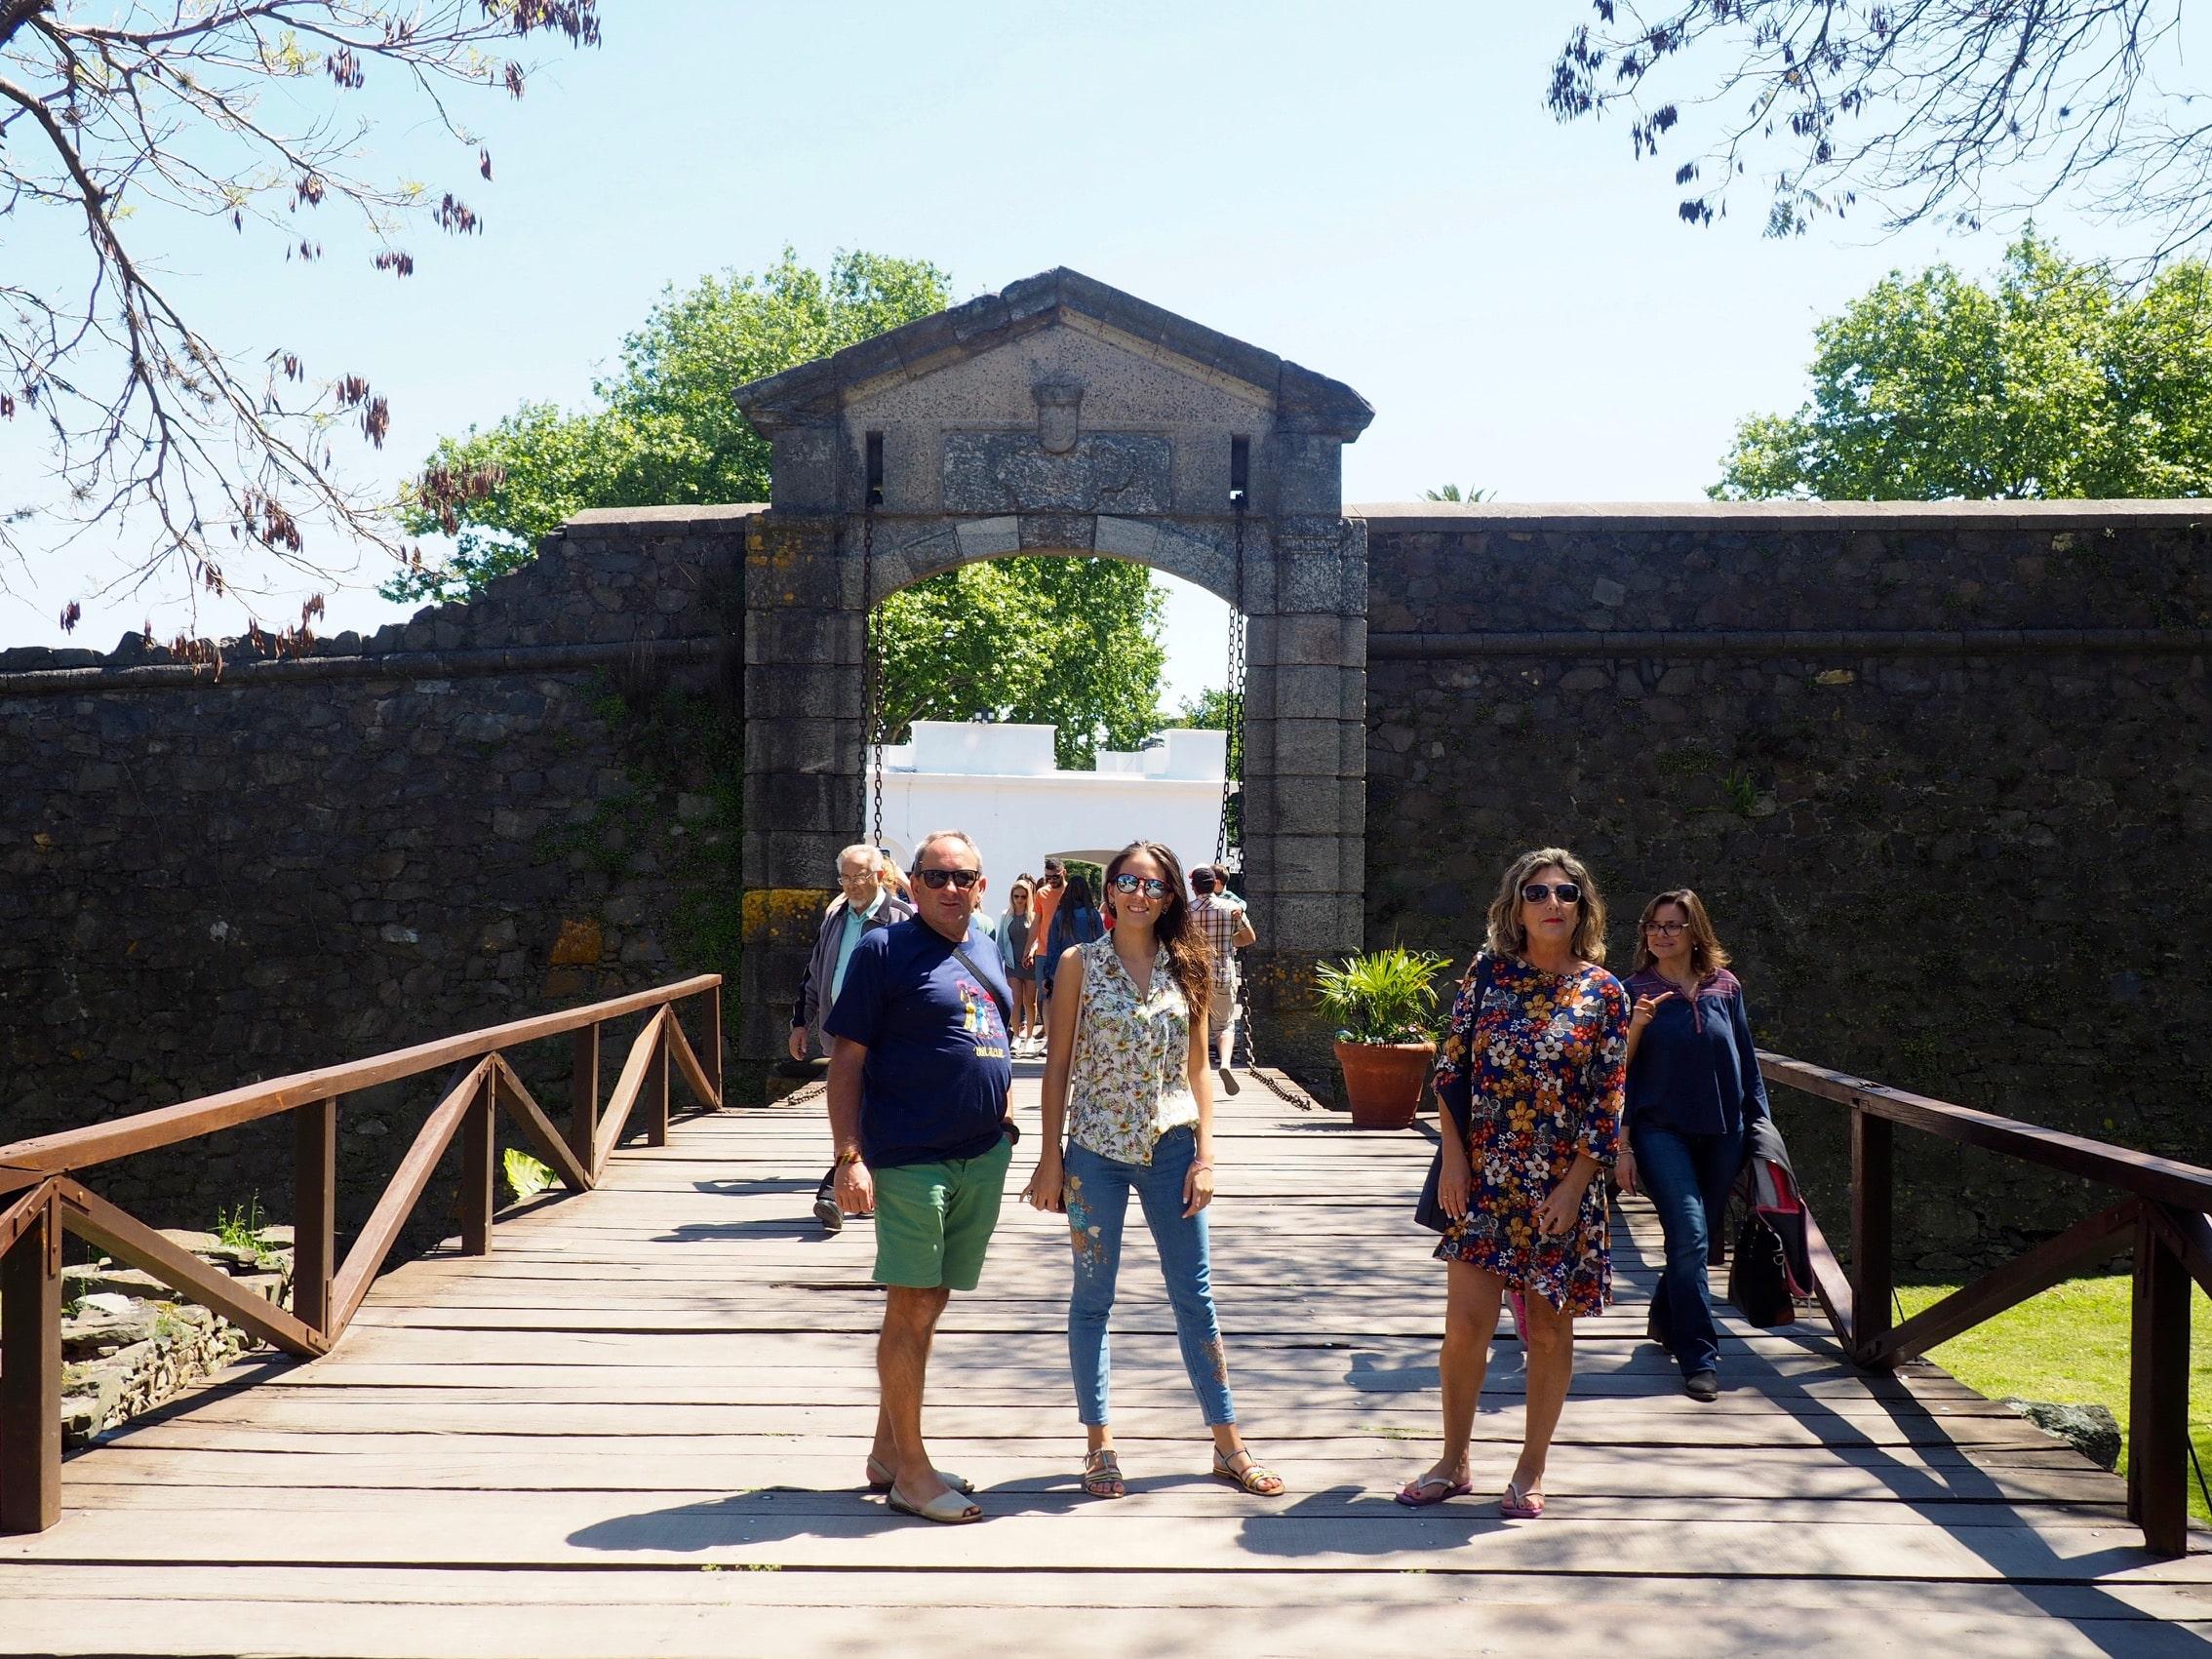 El portón de la muralla de Colonia